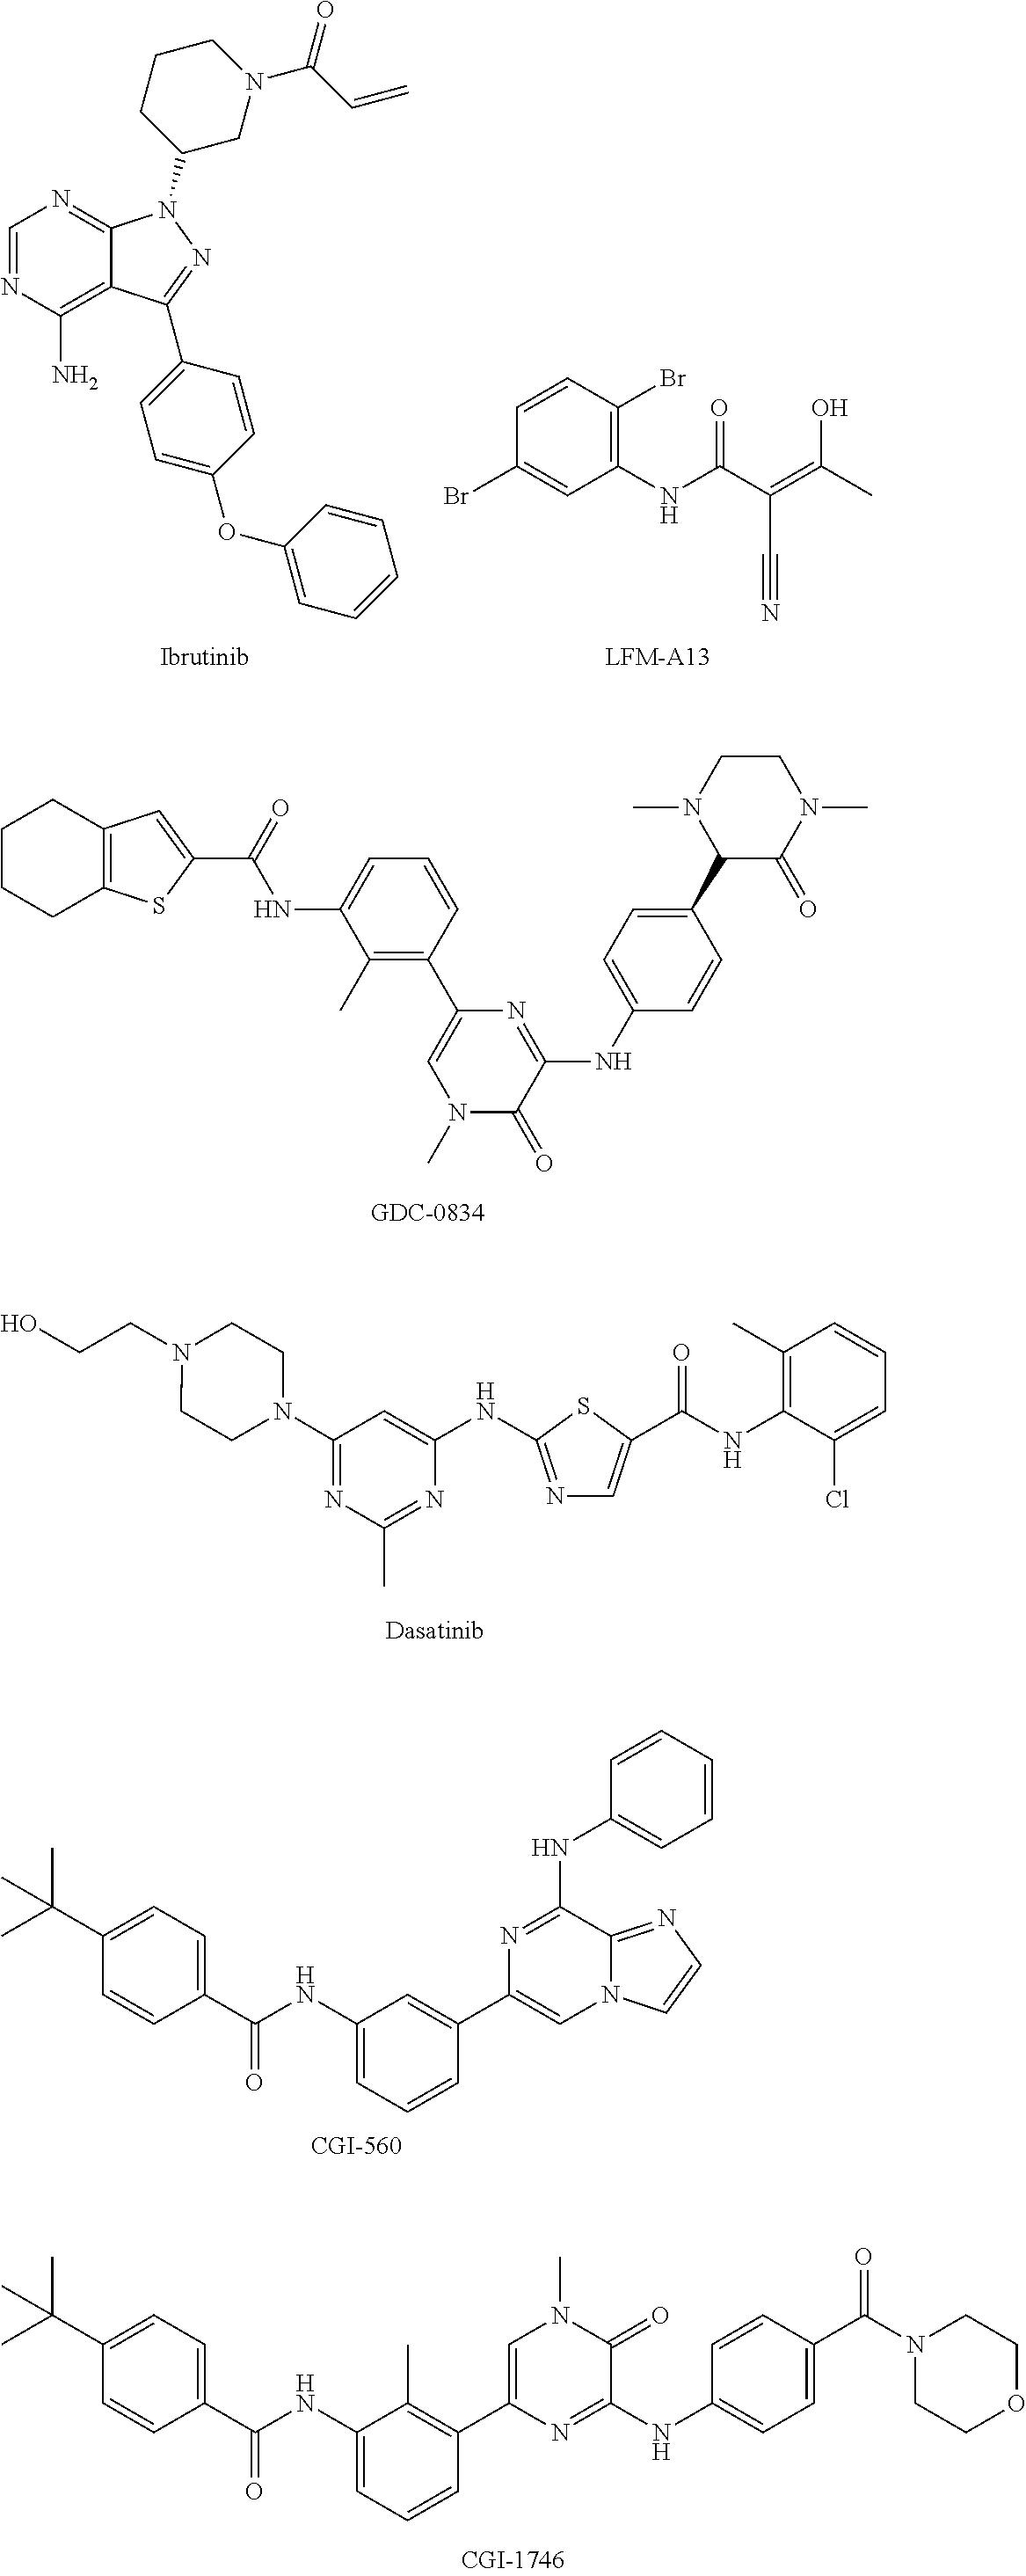 Figure US09884069-20180206-C00001